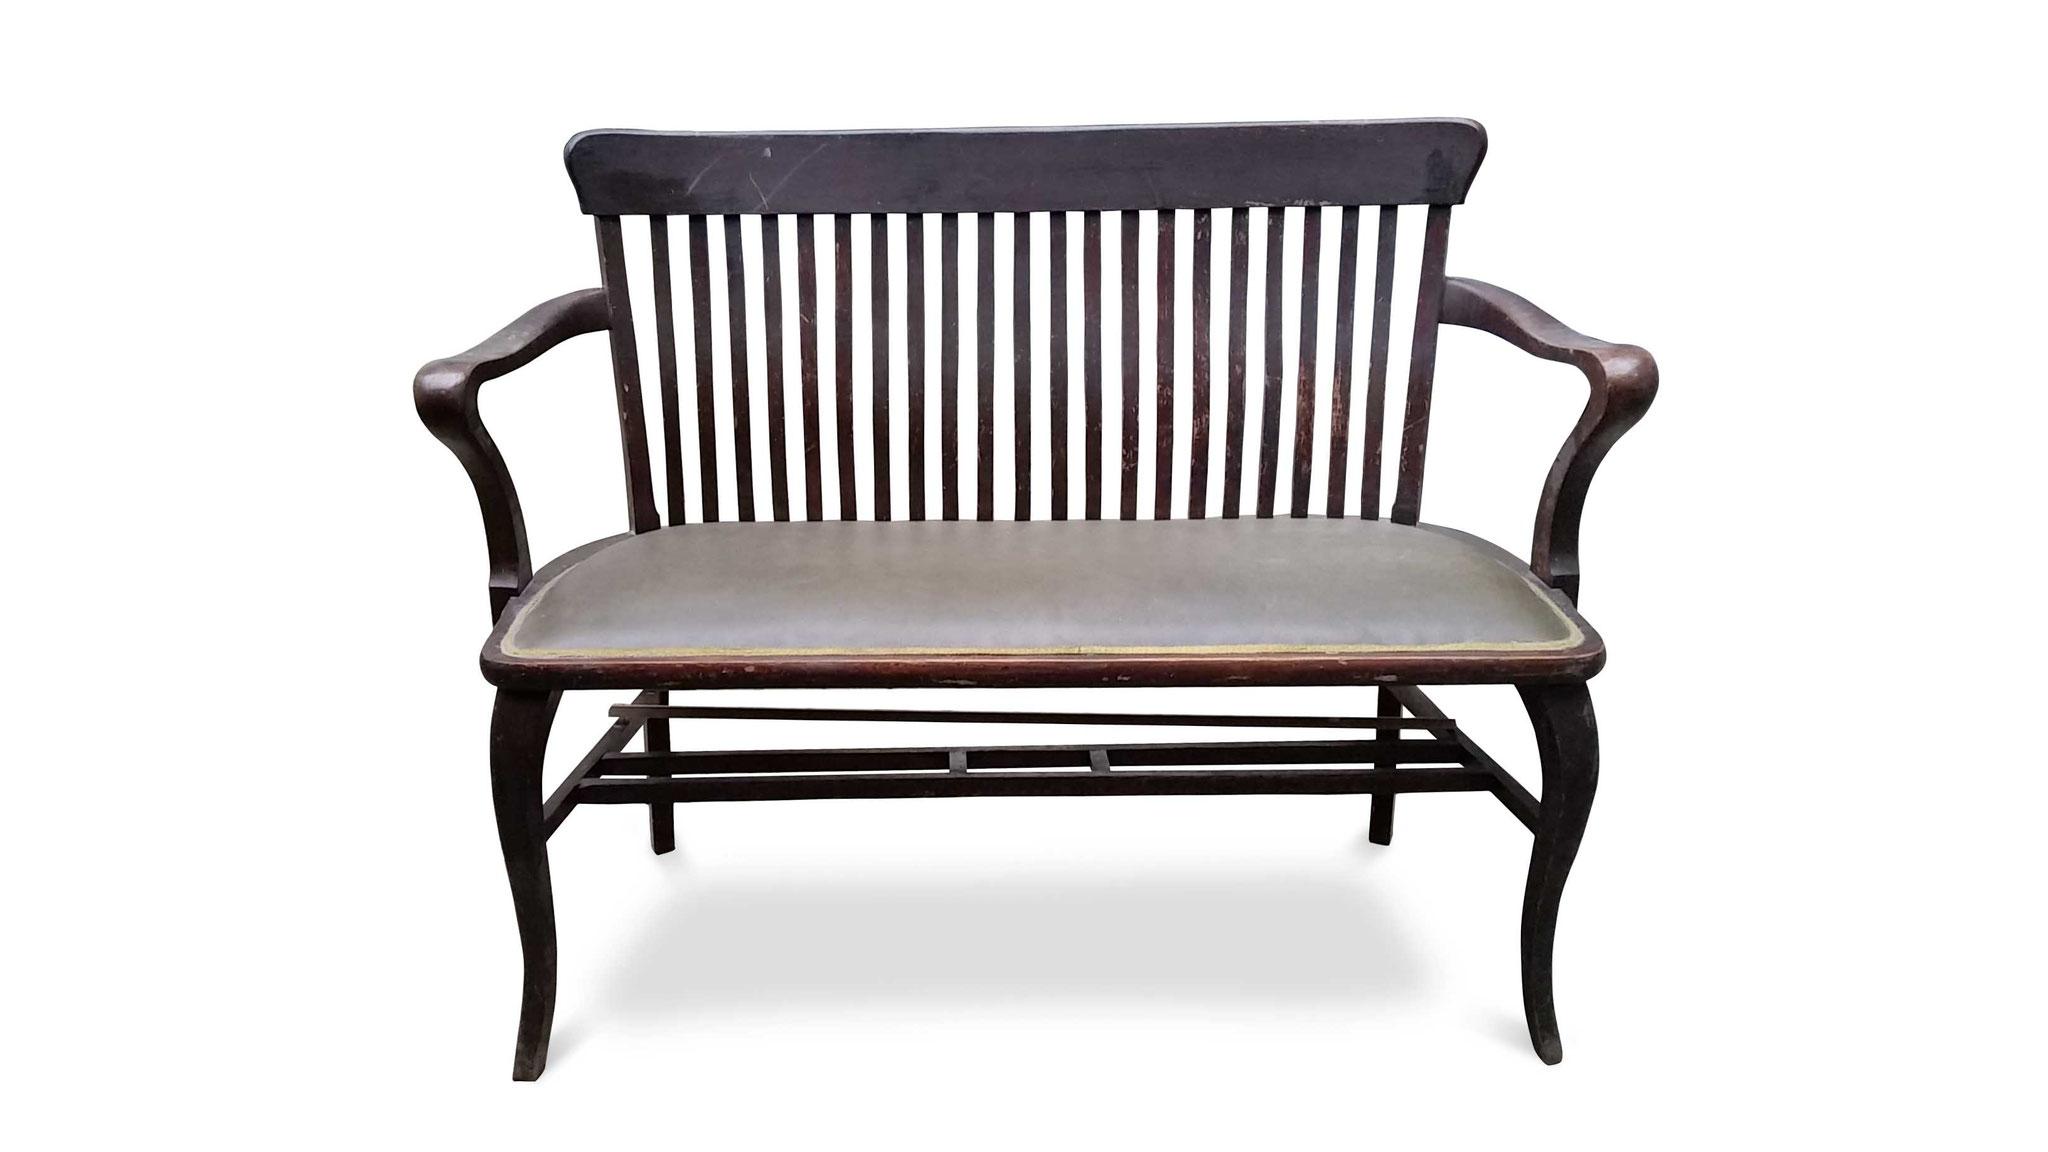 Divanetto vintage anni 30 italian vintage sofa for Divani stile anni 30